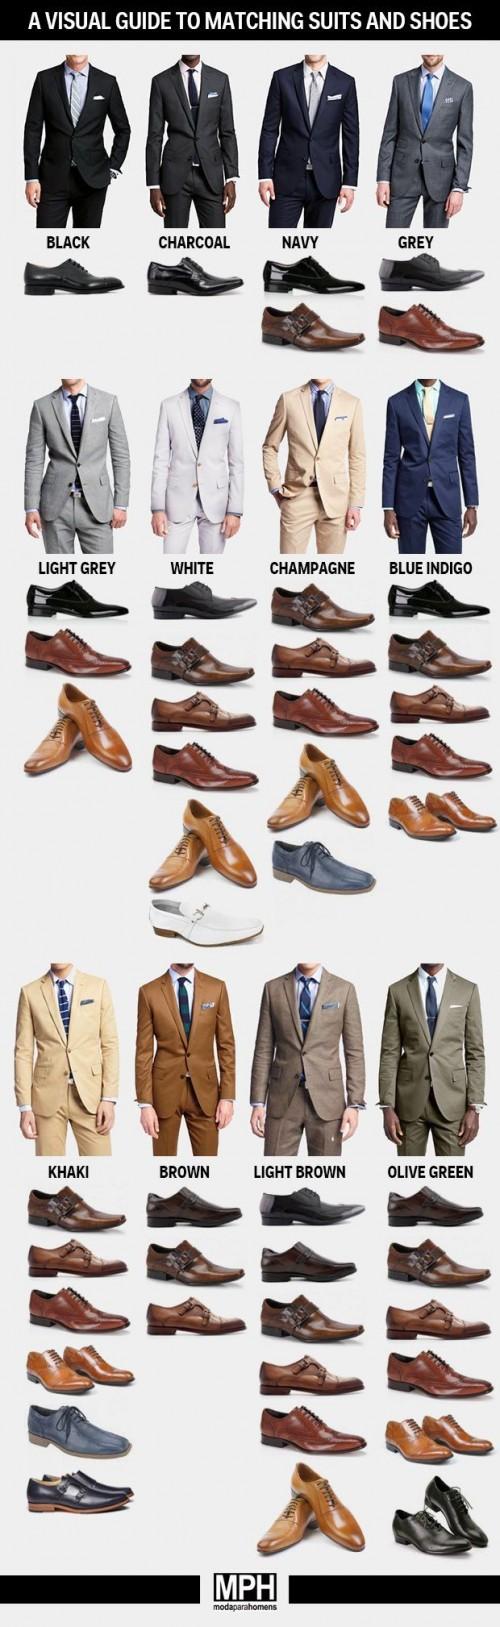 スーツと靴の組み合わせ